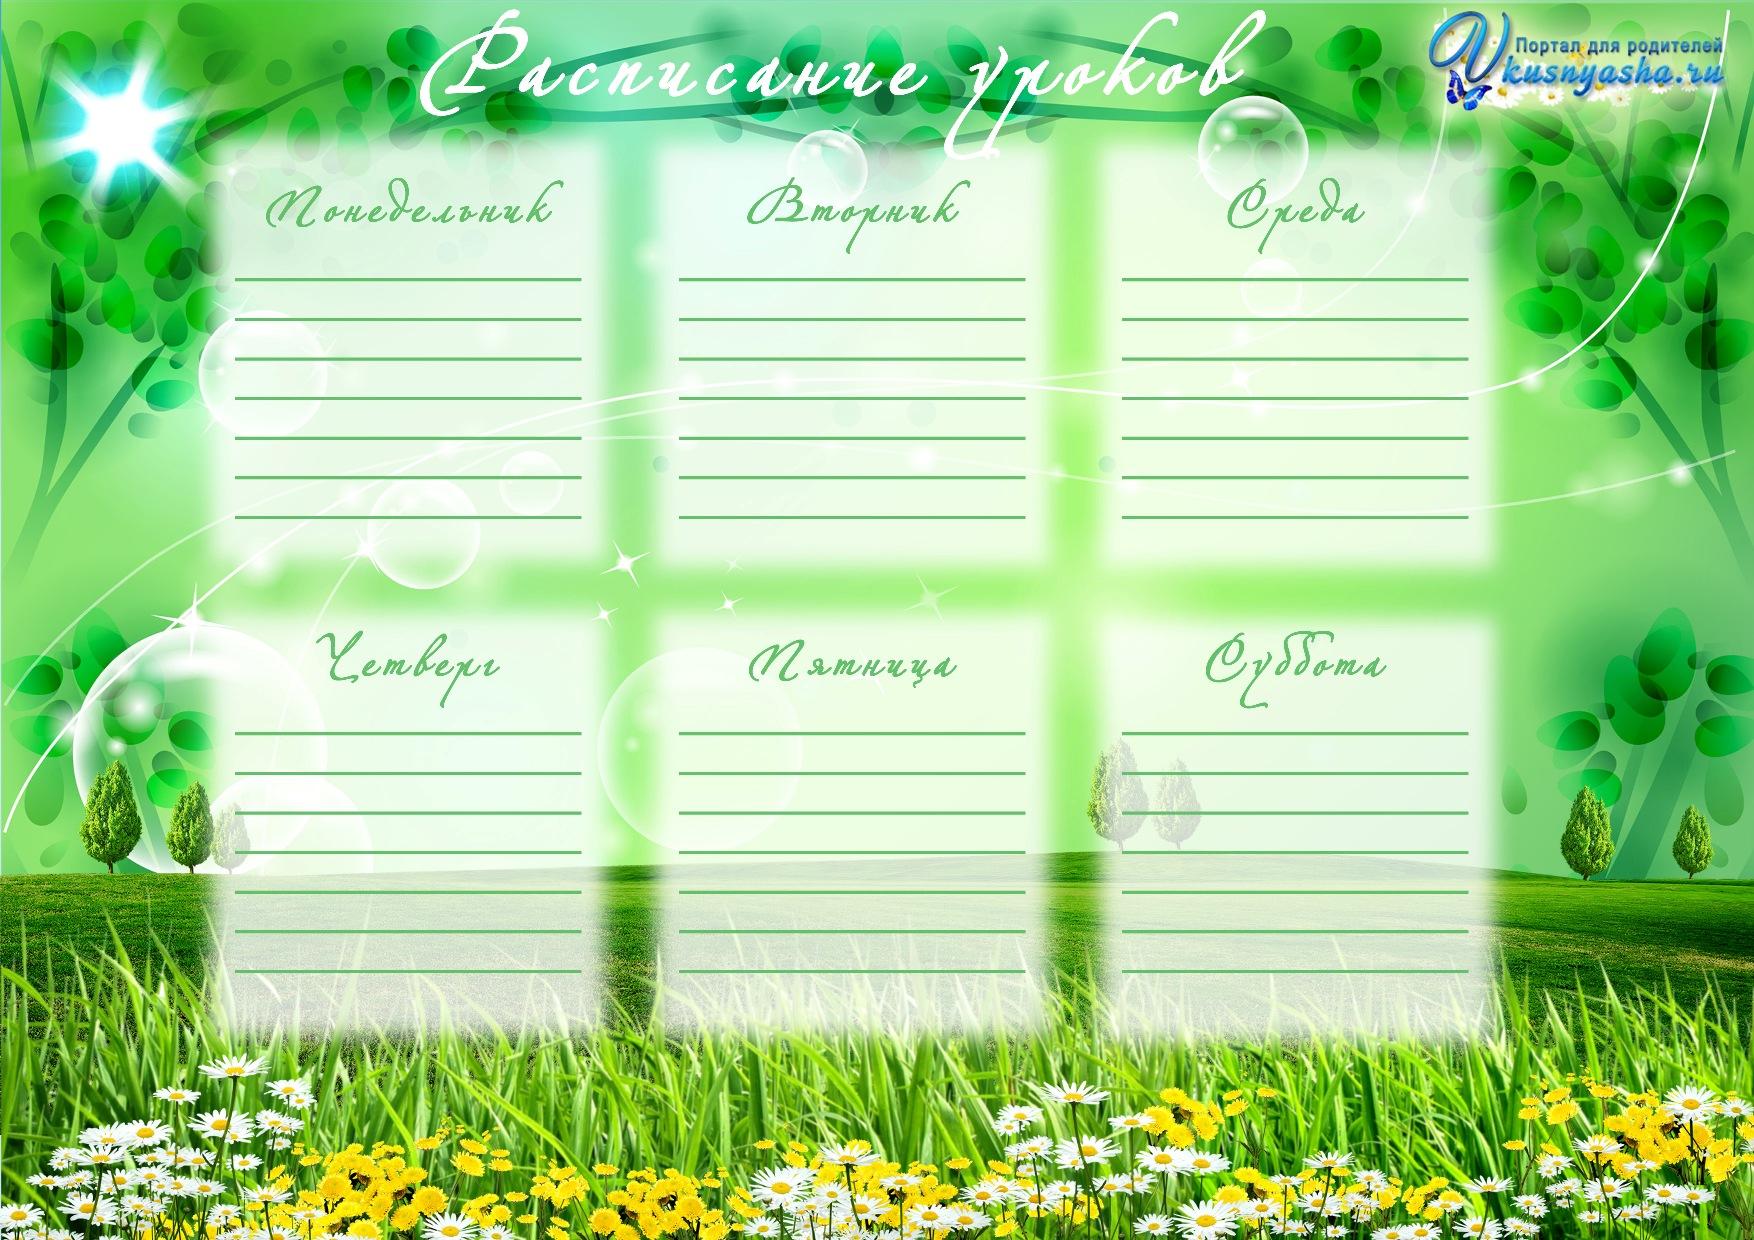 тортик бланк расписания уроков с картинками ящик дерева